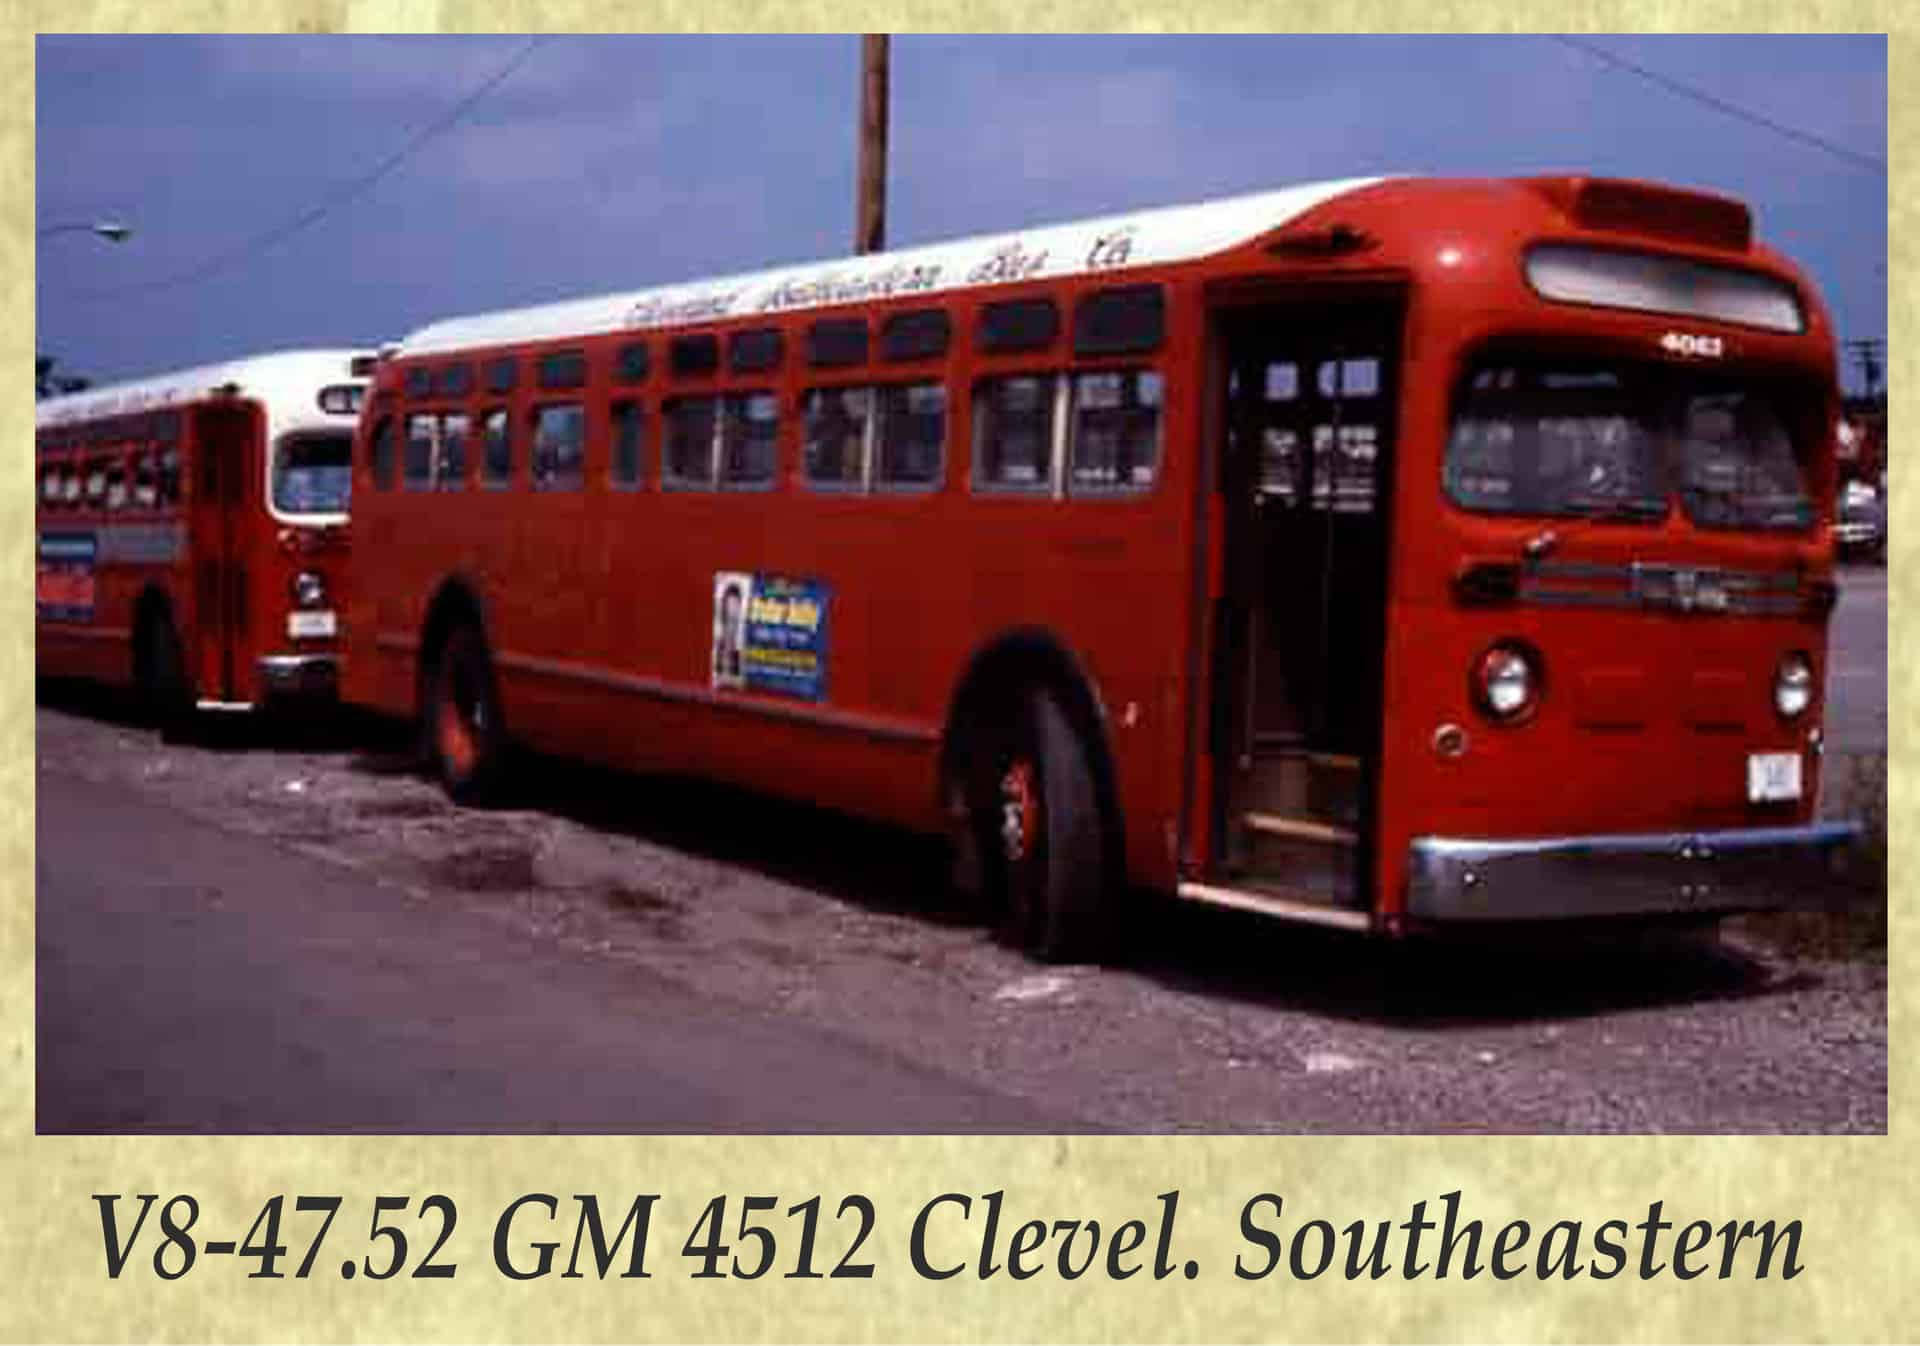 V8-47.52 GM 4512 Clevel. Southeastern